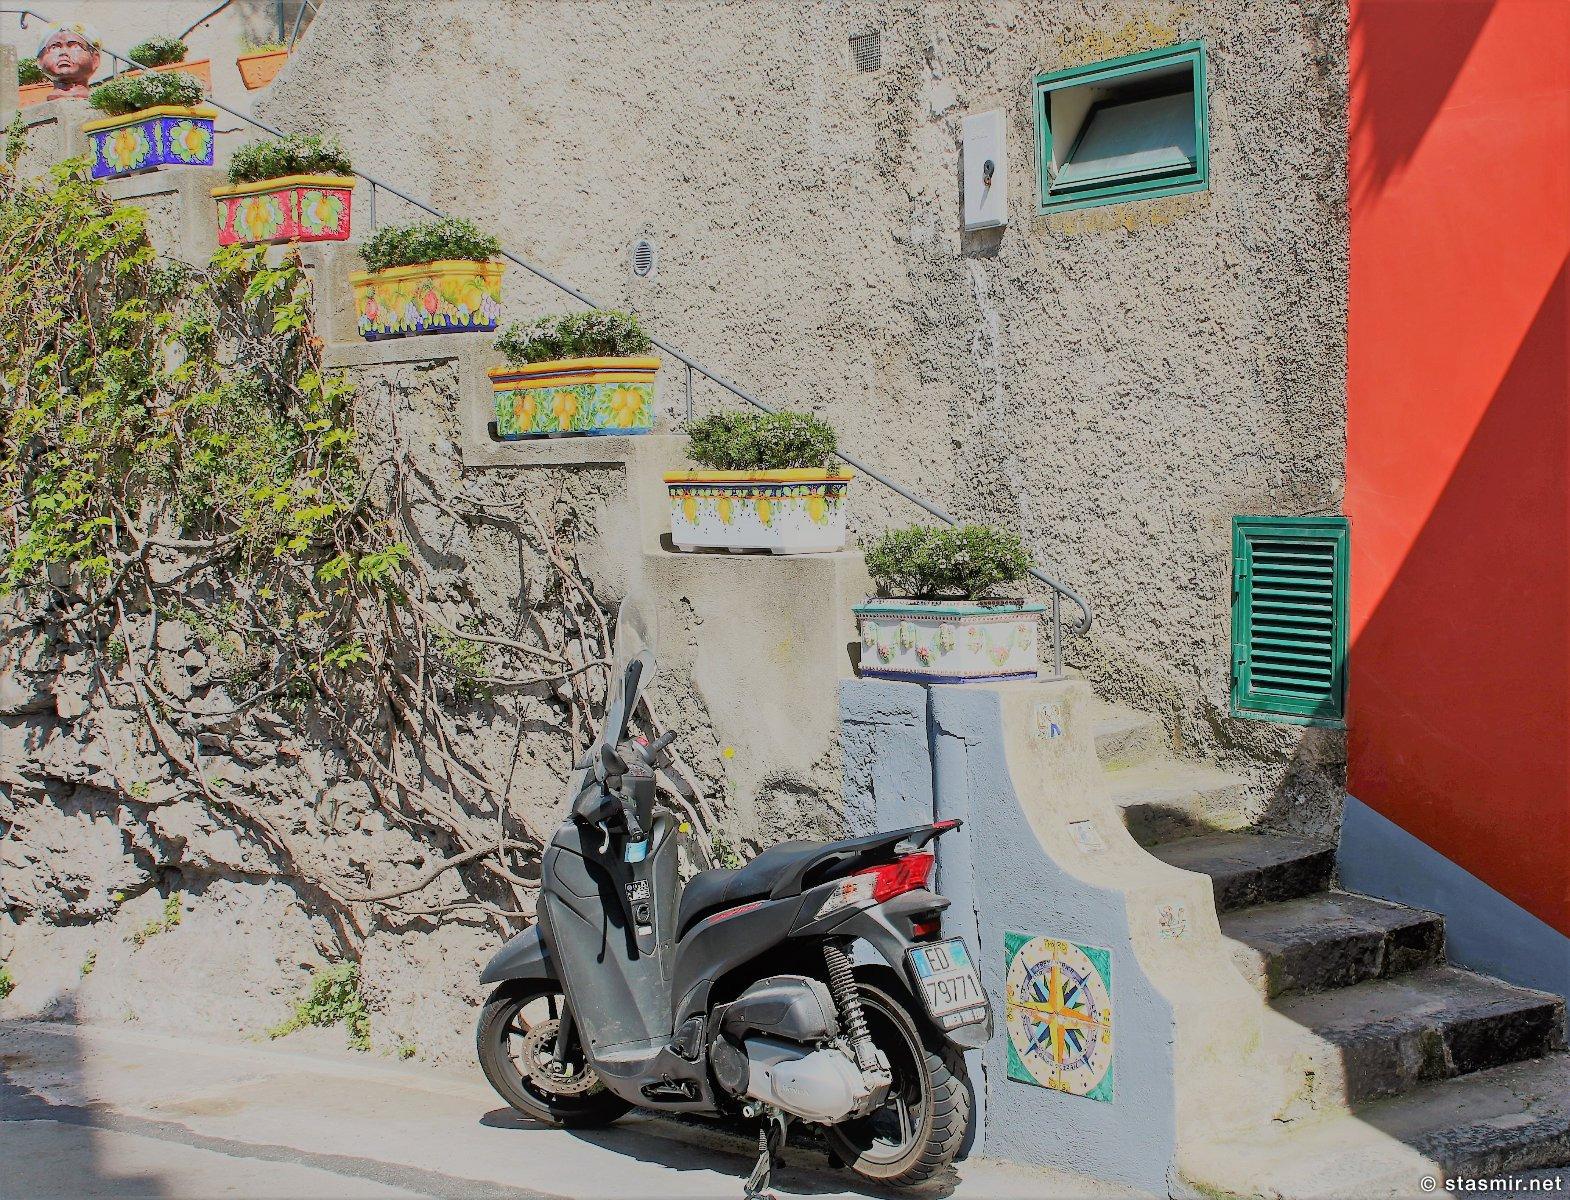 лестница с мотороллером в Позитано, Кампания, Италия, фото Стасмир, photo Stasmir